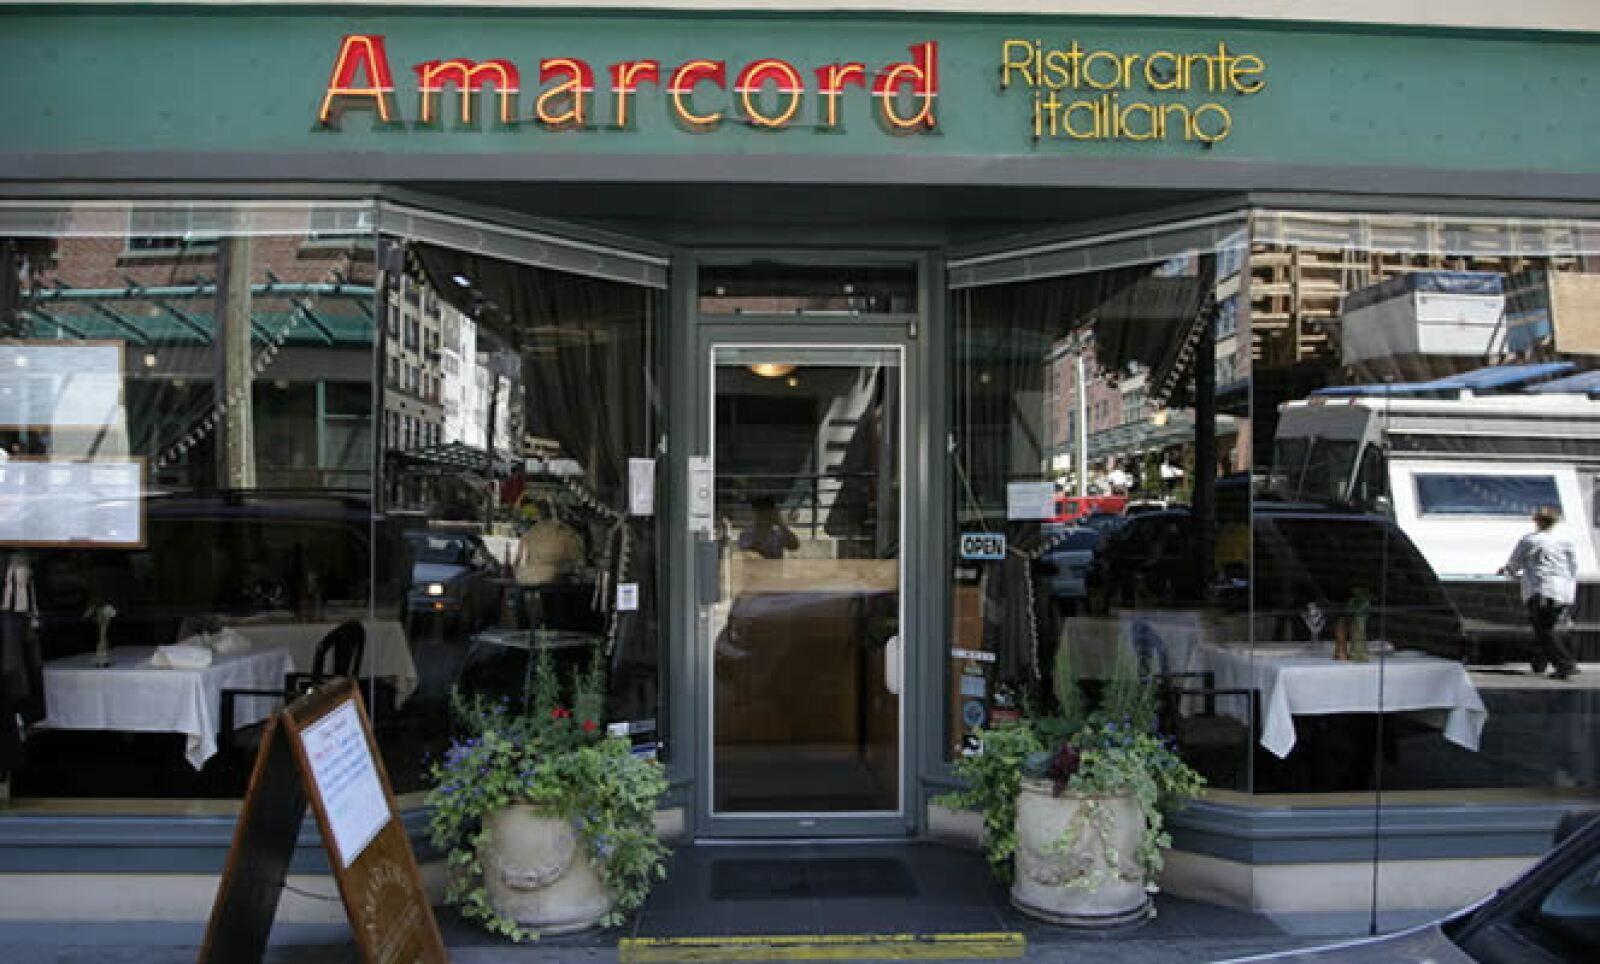 Si prefieres la comida italiana, visita el Amarcord Ristorante Italiano, en el número 96 de la calle Bronte. Con un ambiente familiar, el promedio de gasto por persona es de 25 dólares y sus postres son la especialidad de la casa.